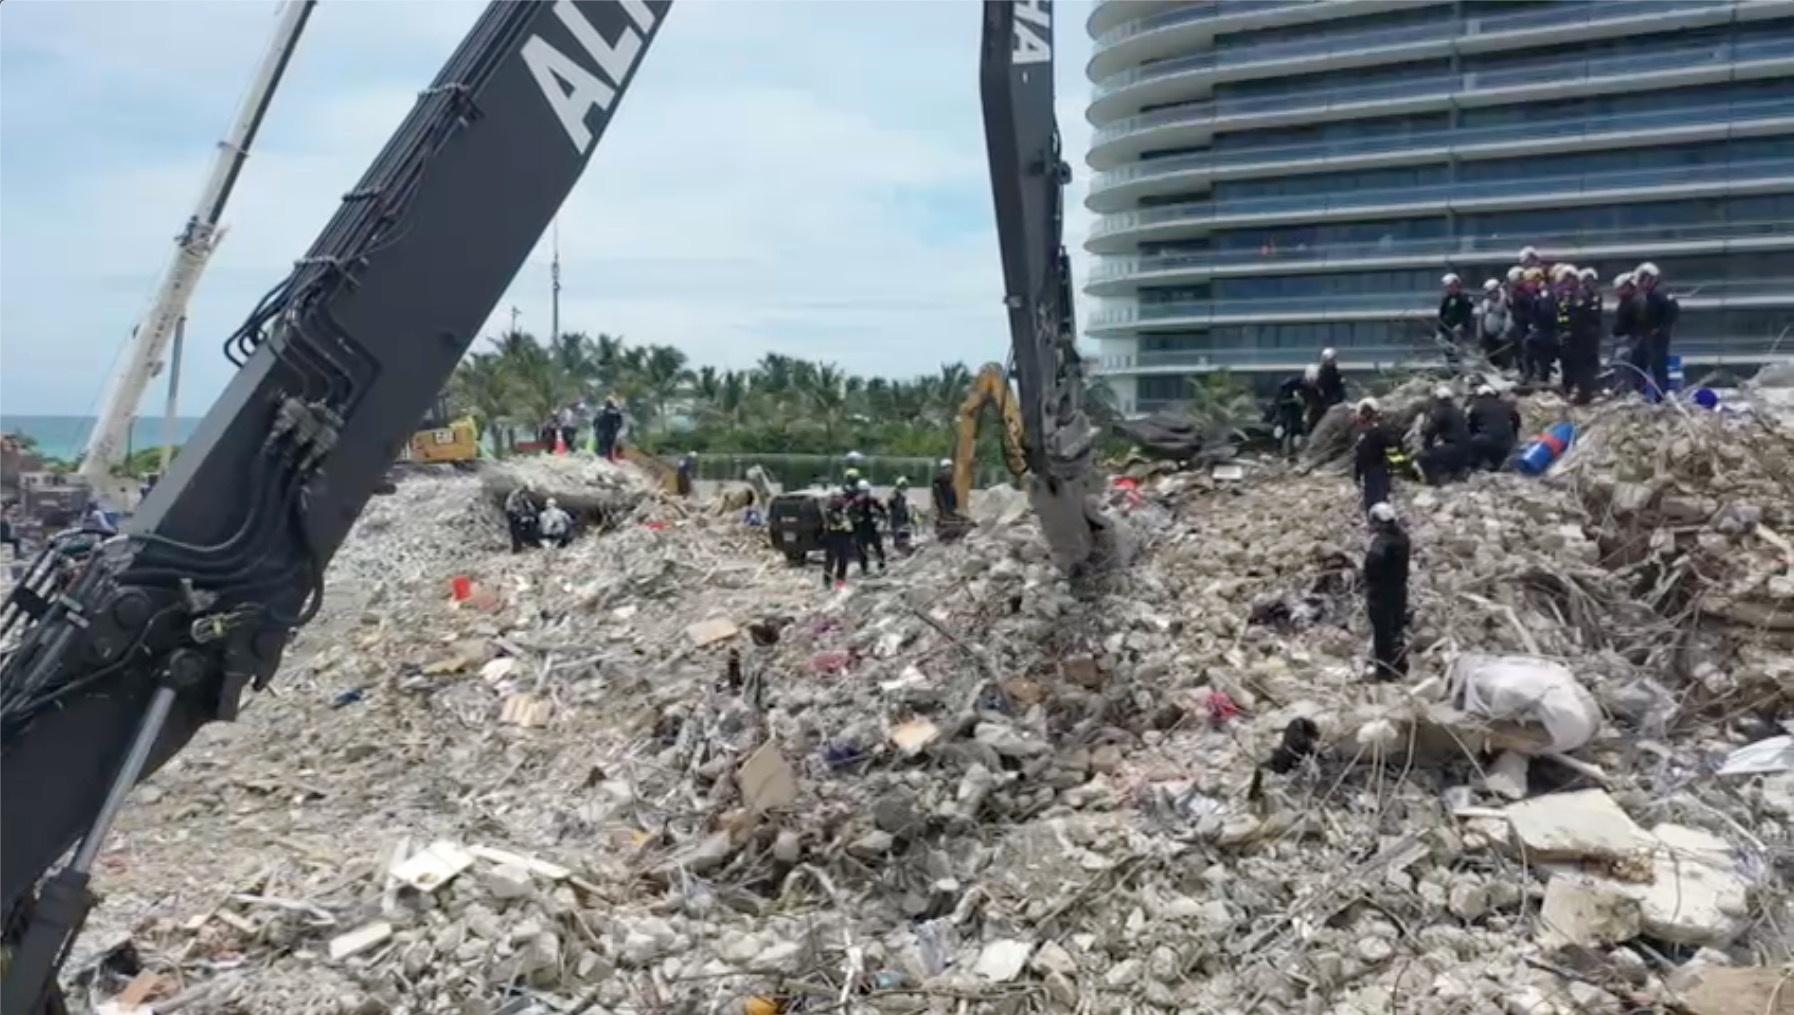 Μαϊάμι: 28 οι νεκροί από την κατάρρευση της πολυκατοικίας και 117 αγνοούμενοι